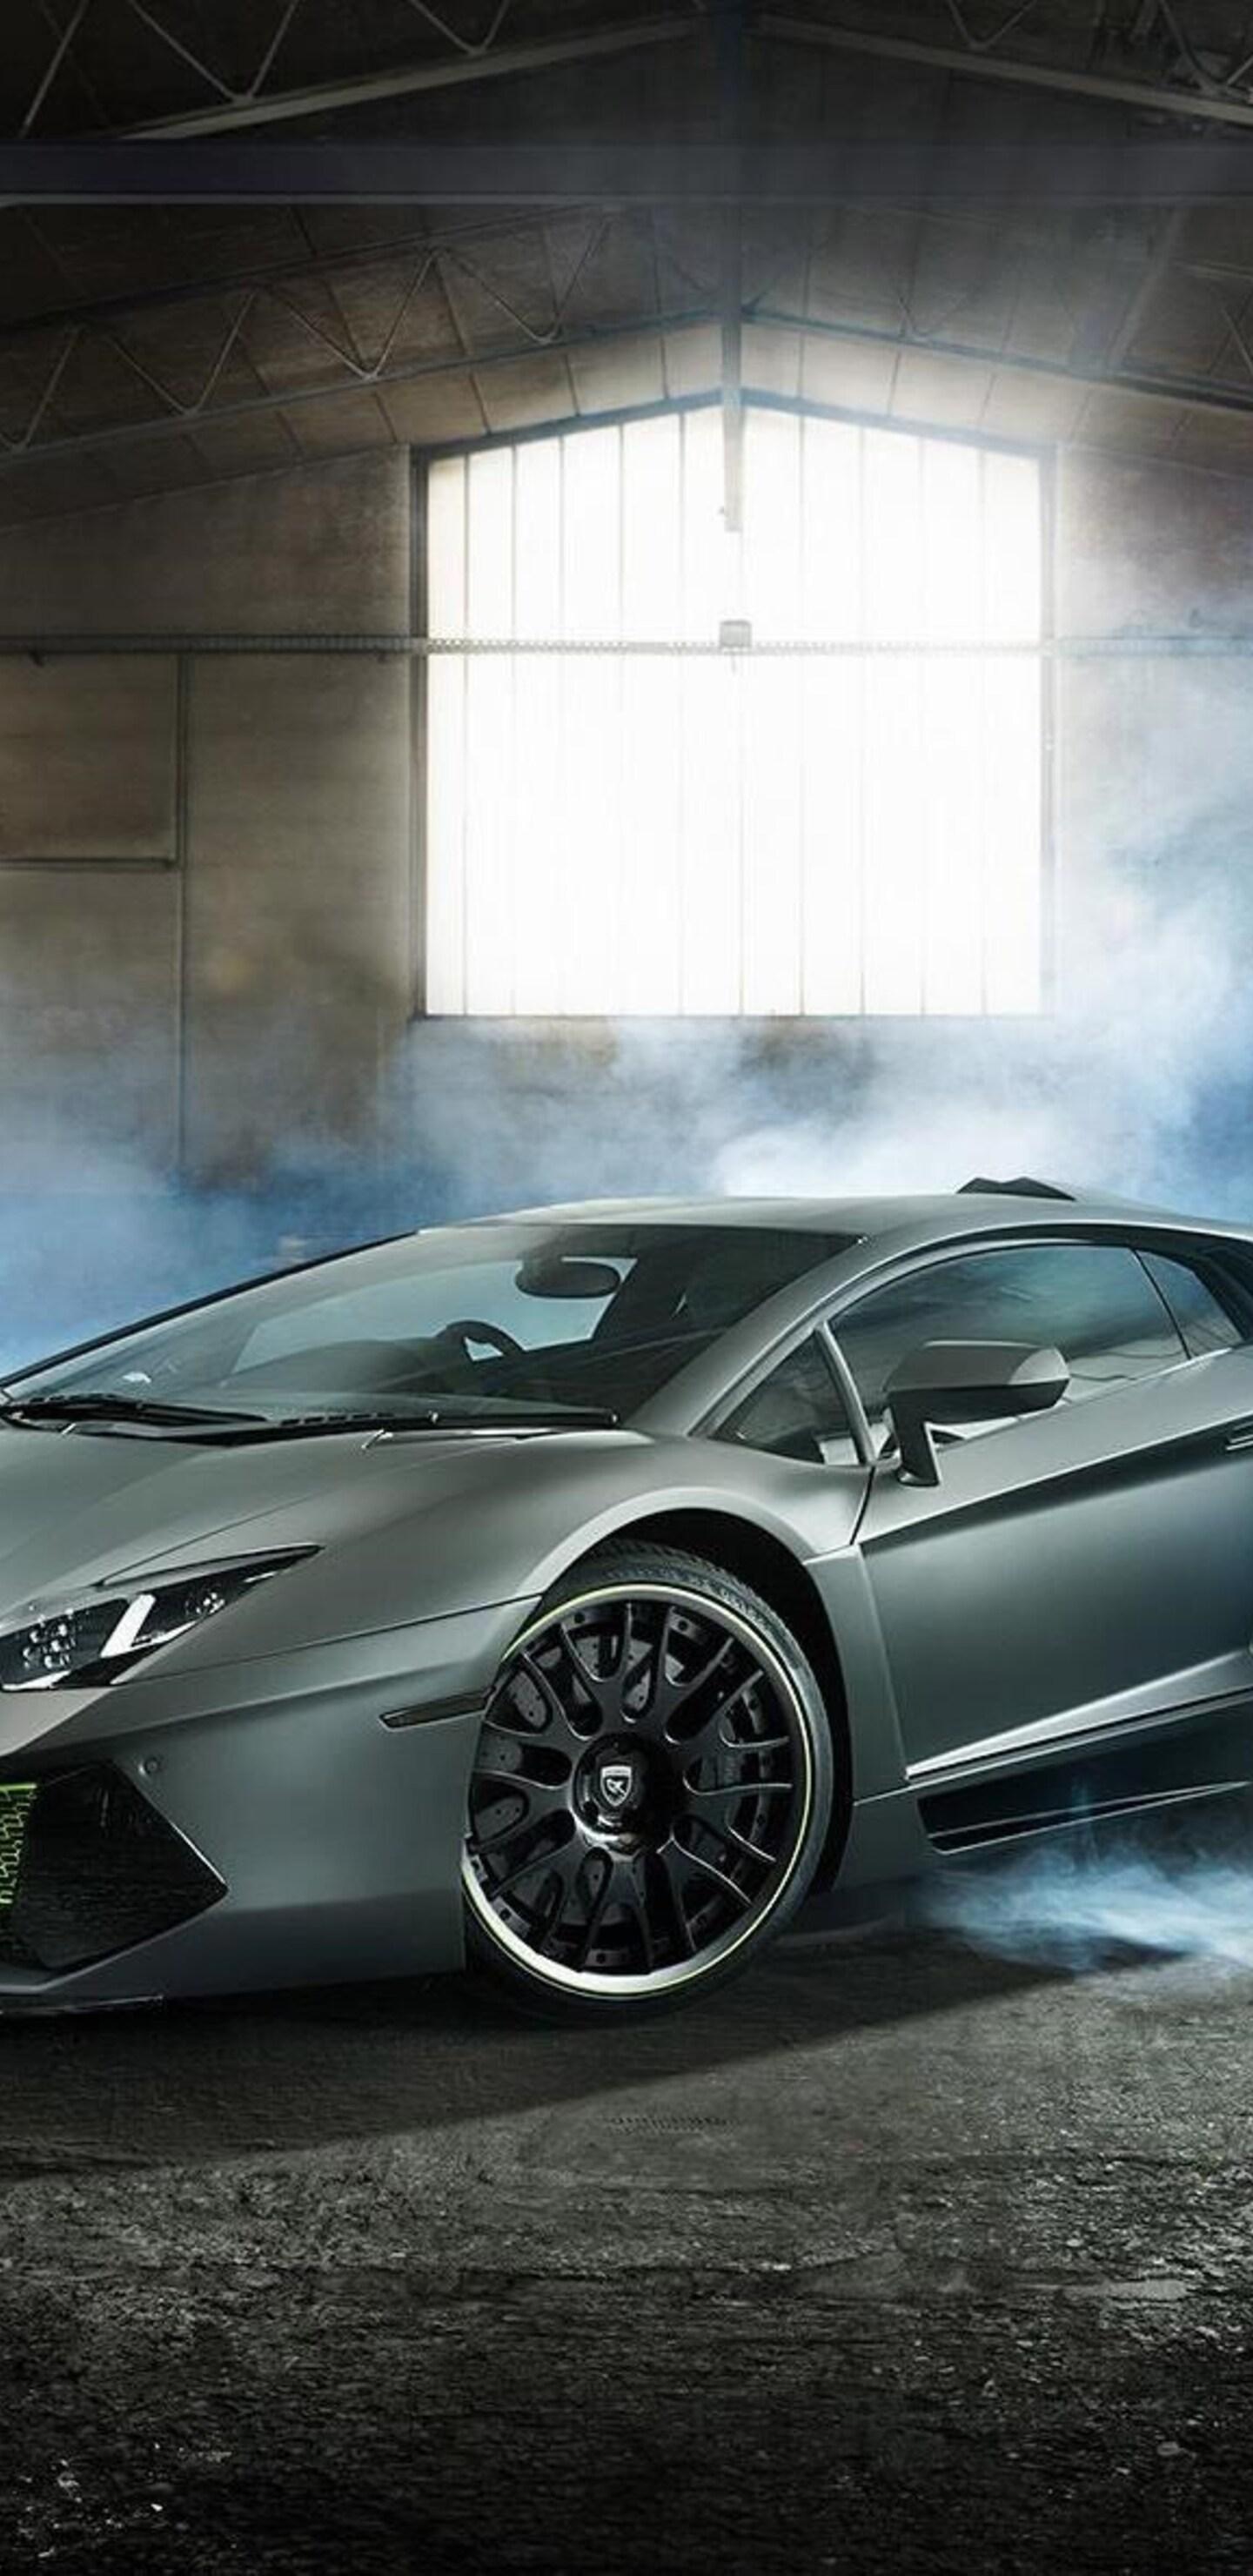 Lamborghini Aventador Desktop Hd